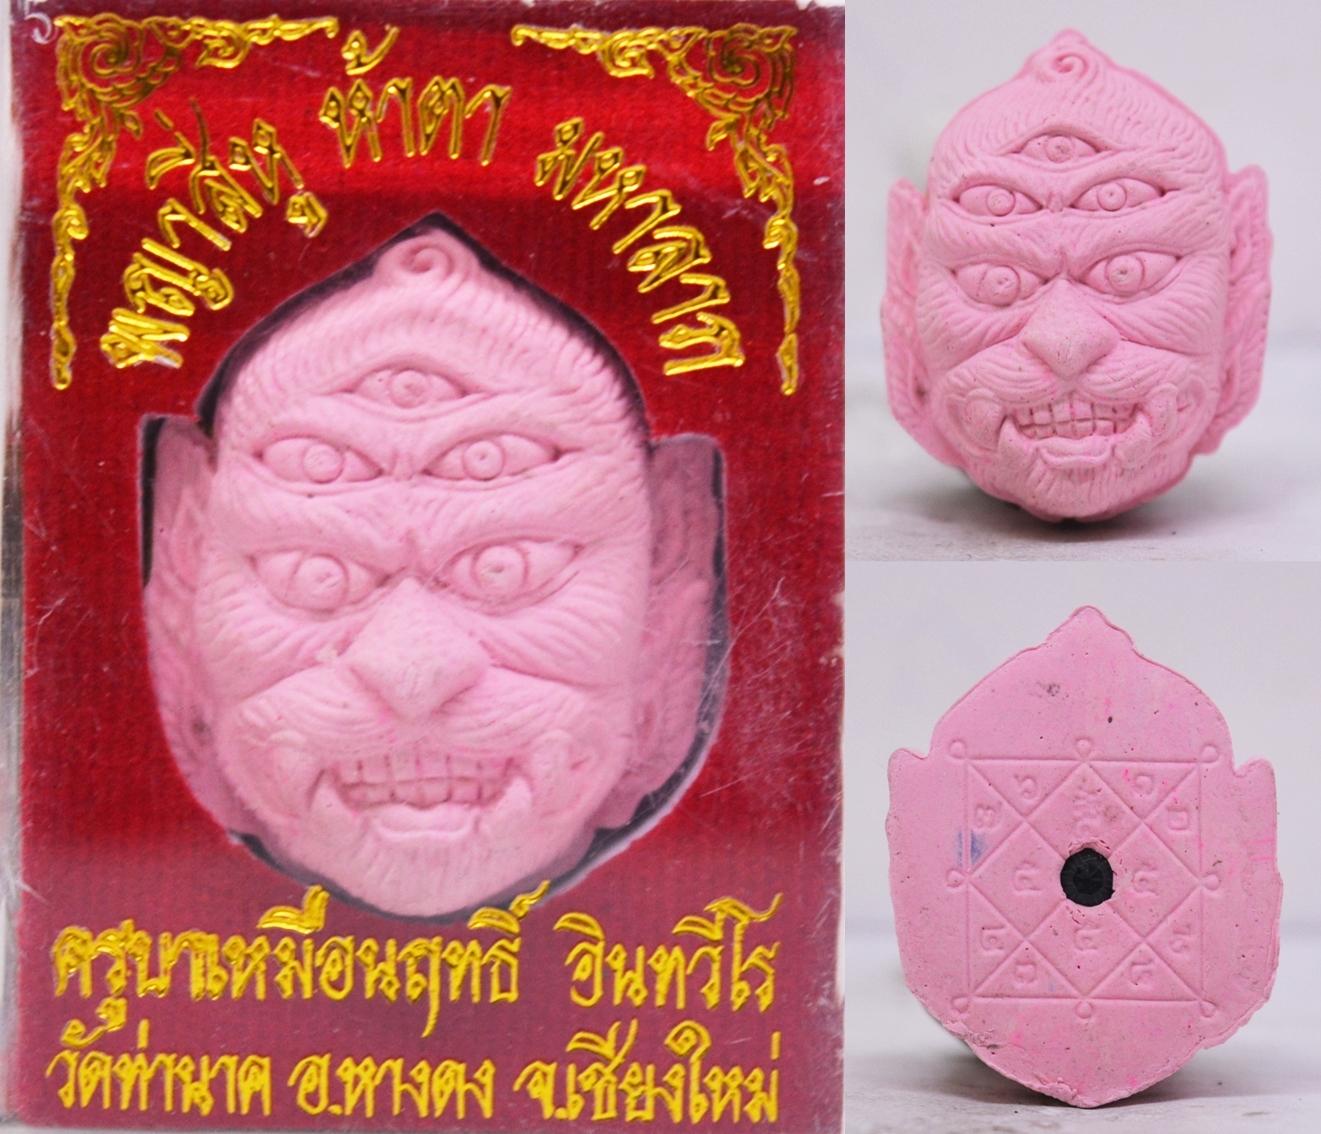 สี่หูห้าตา เนื้อผงสีชมพู ครูบาเหนือฤทธิ์ วัดท่านาค 2557 ขนาด 3.6*2.8 ซม